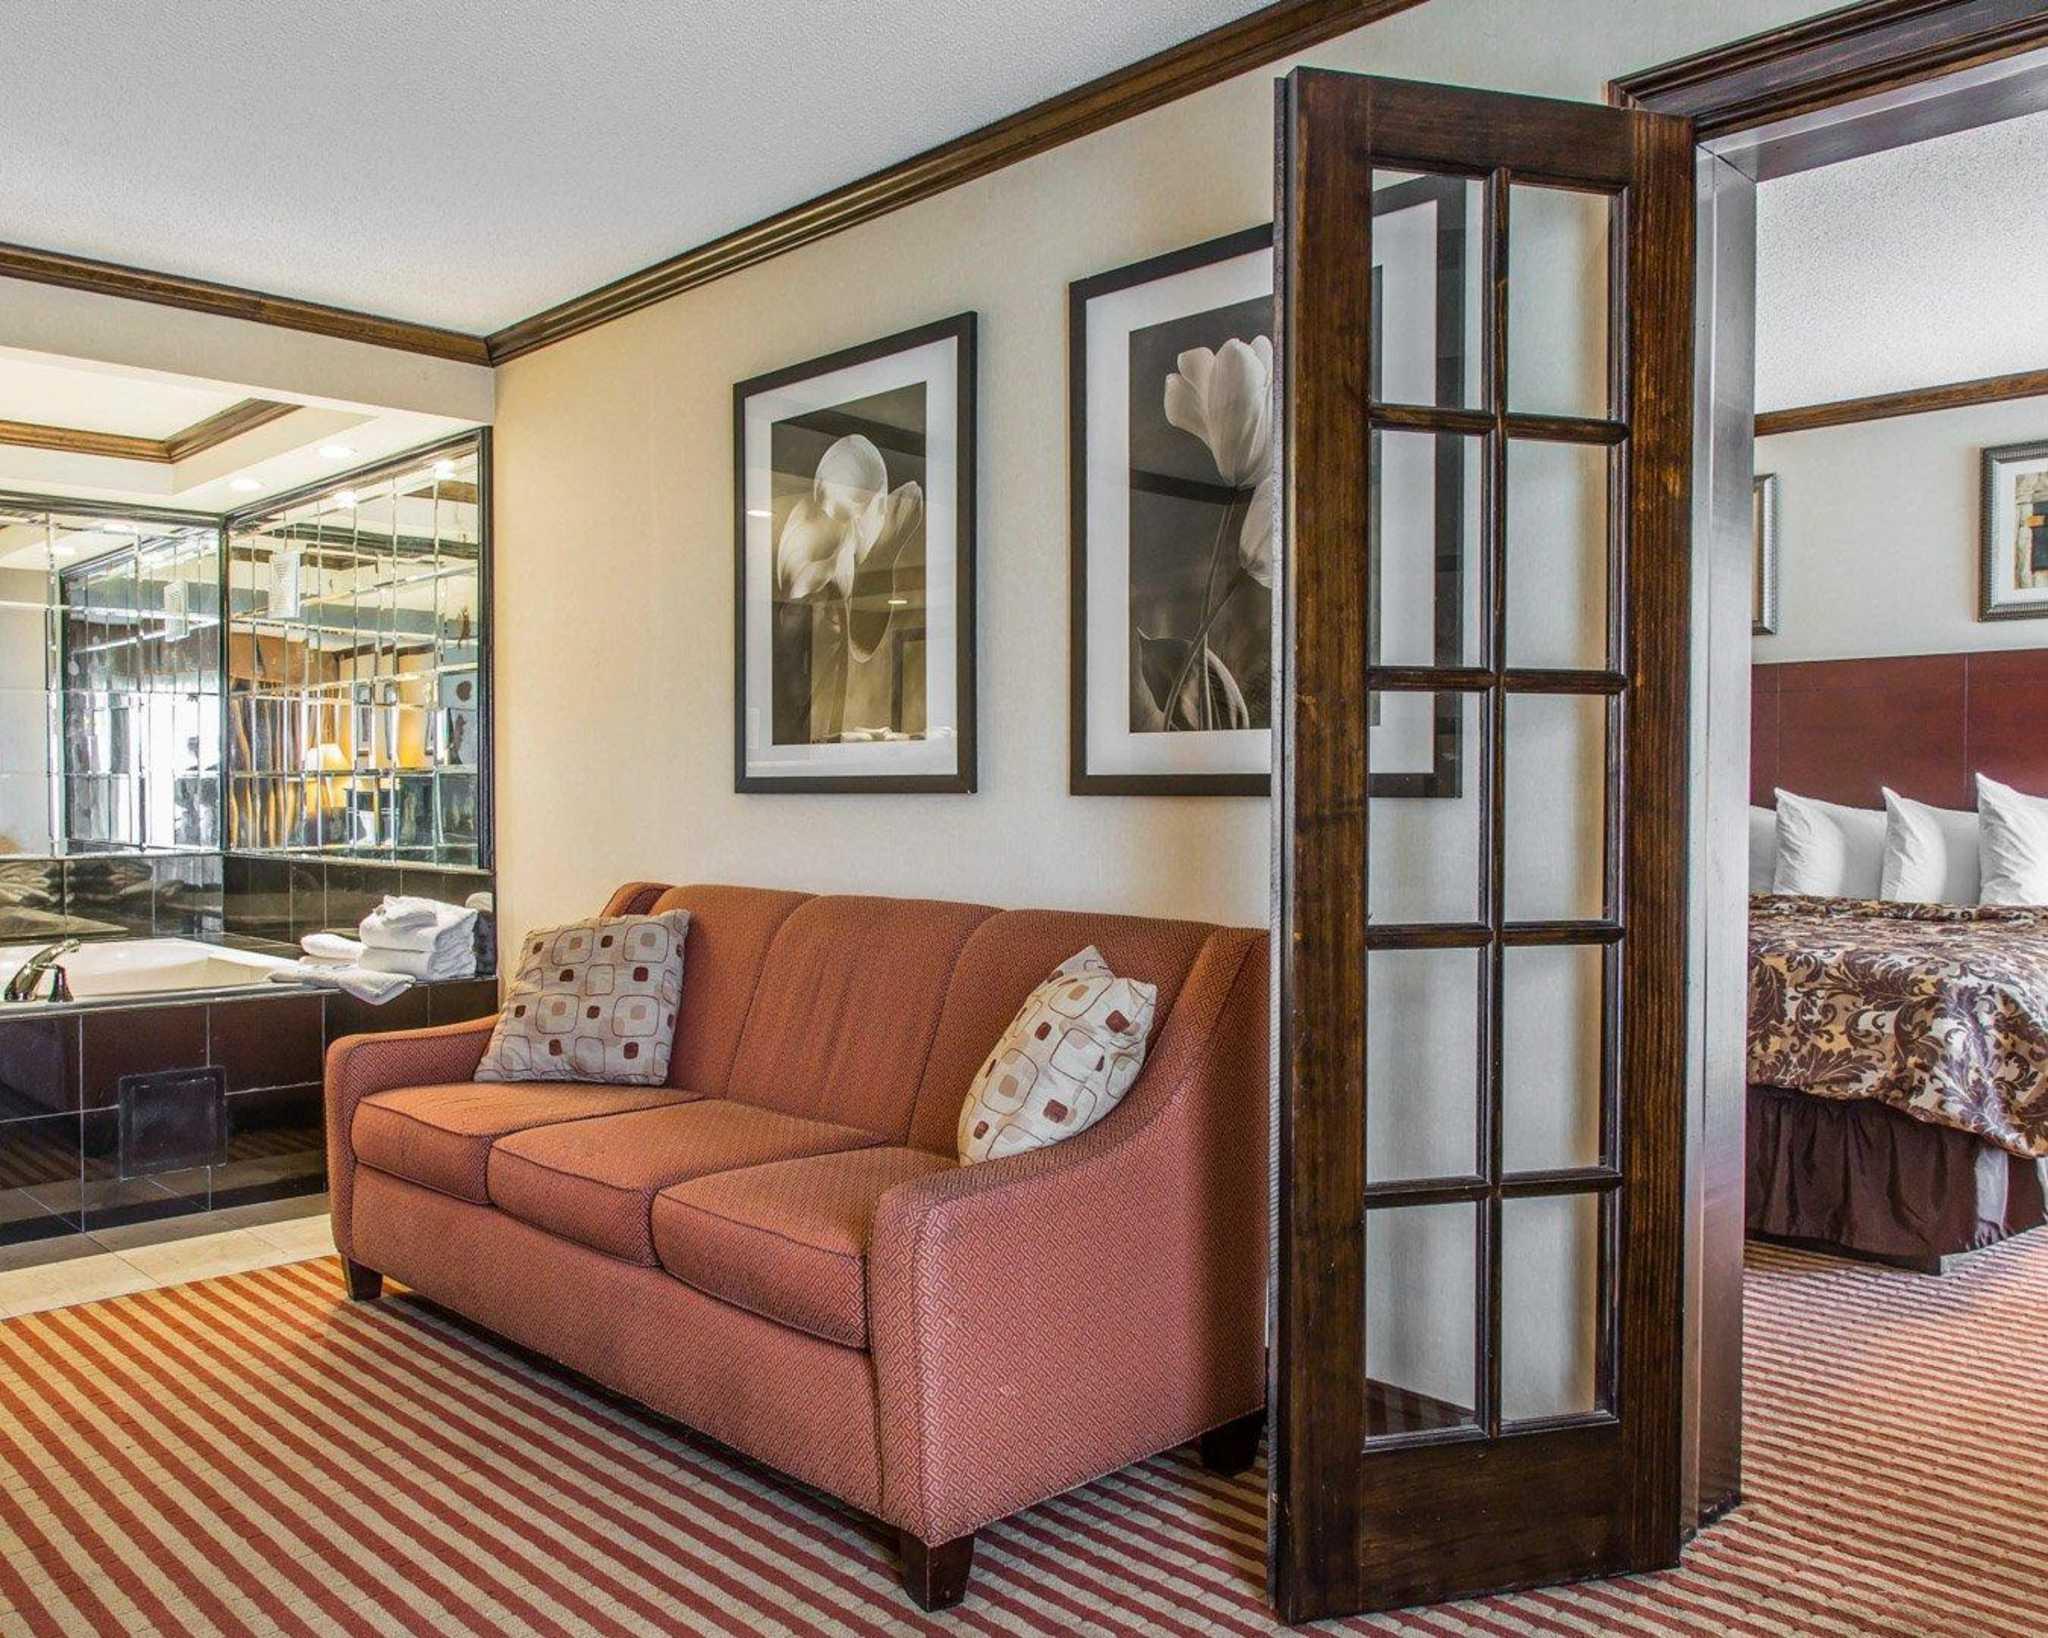 Rodeway Inn & Suites Bradley Airport image 22